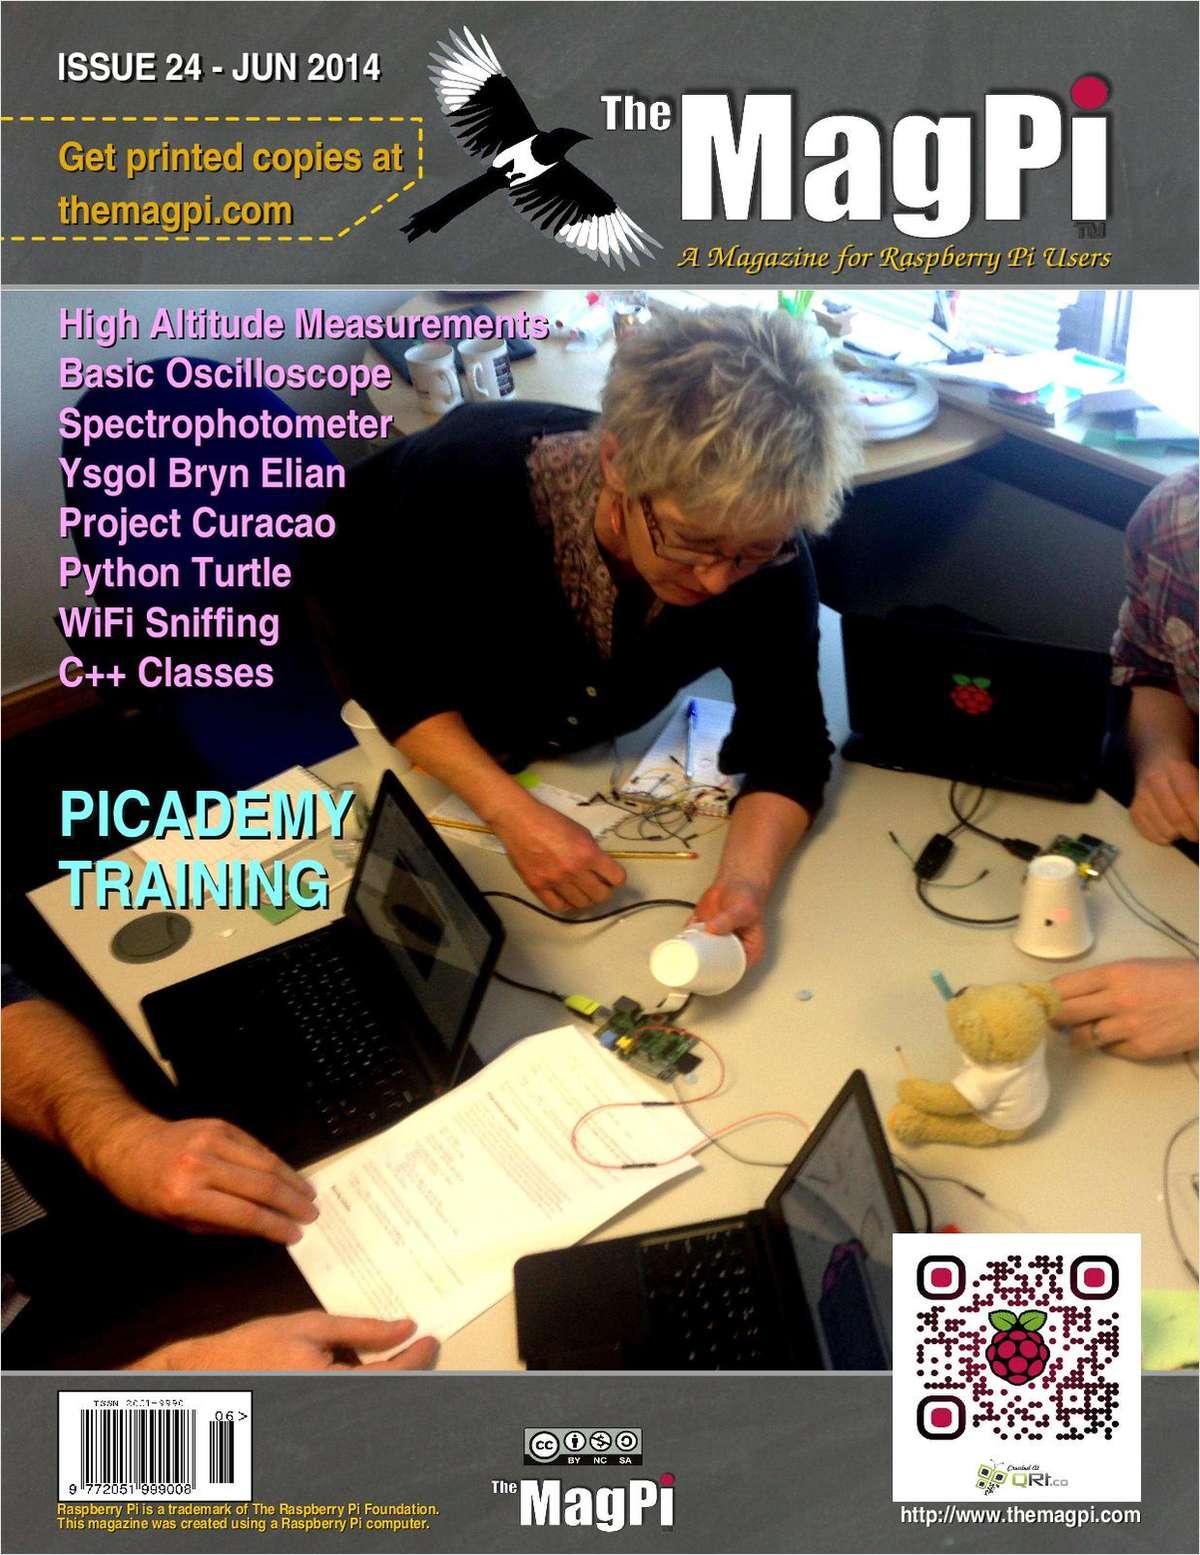 The MagPi Magazine: Picademy Training